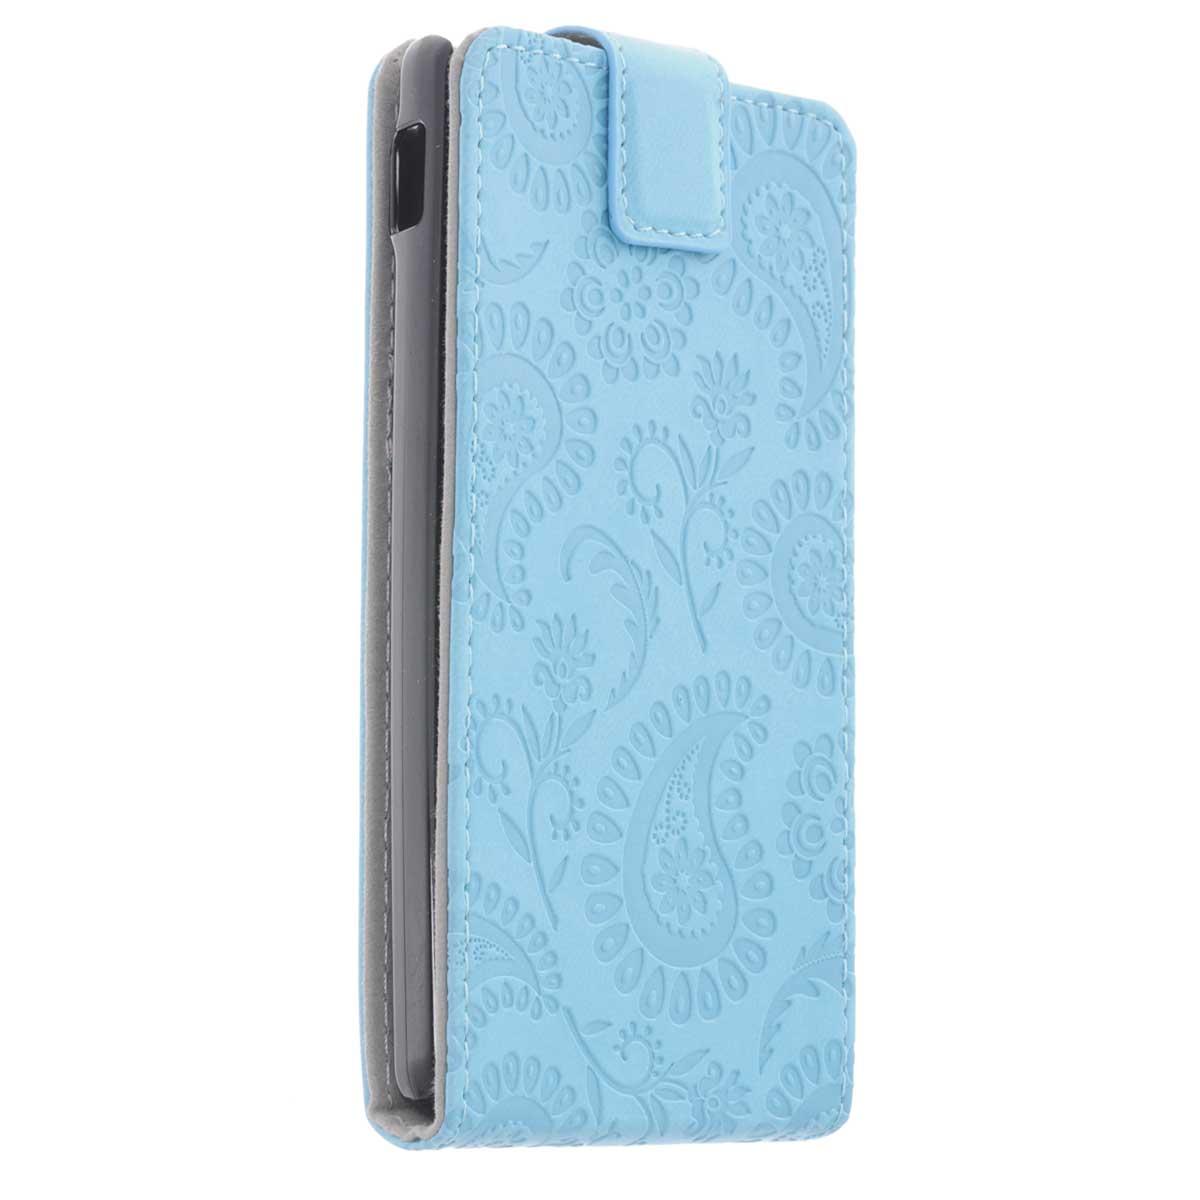 Gissar Paisley чехол для Sony Xperia SP, Blue31558Чехол Gissar Paisley для Sony Xperia SP предназначен для защиты корпуса смартфона от механических повреждений и царапин в процессе эксплуатации. Имеет свободный доступ ко всем разъемам и кнопкам устройства.